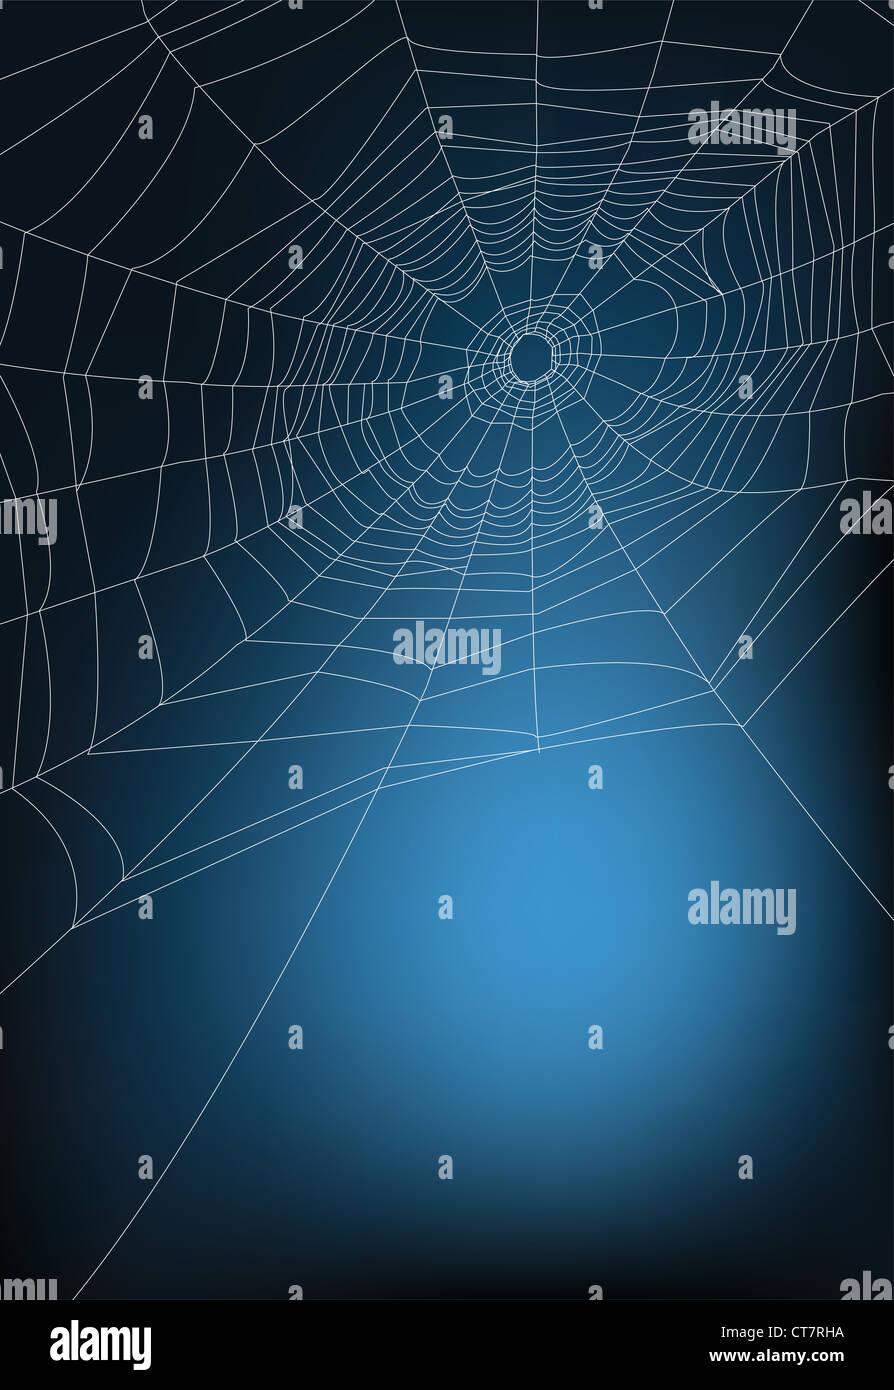 Spider web illustration, pour l'arrière-plan. Photo Stock